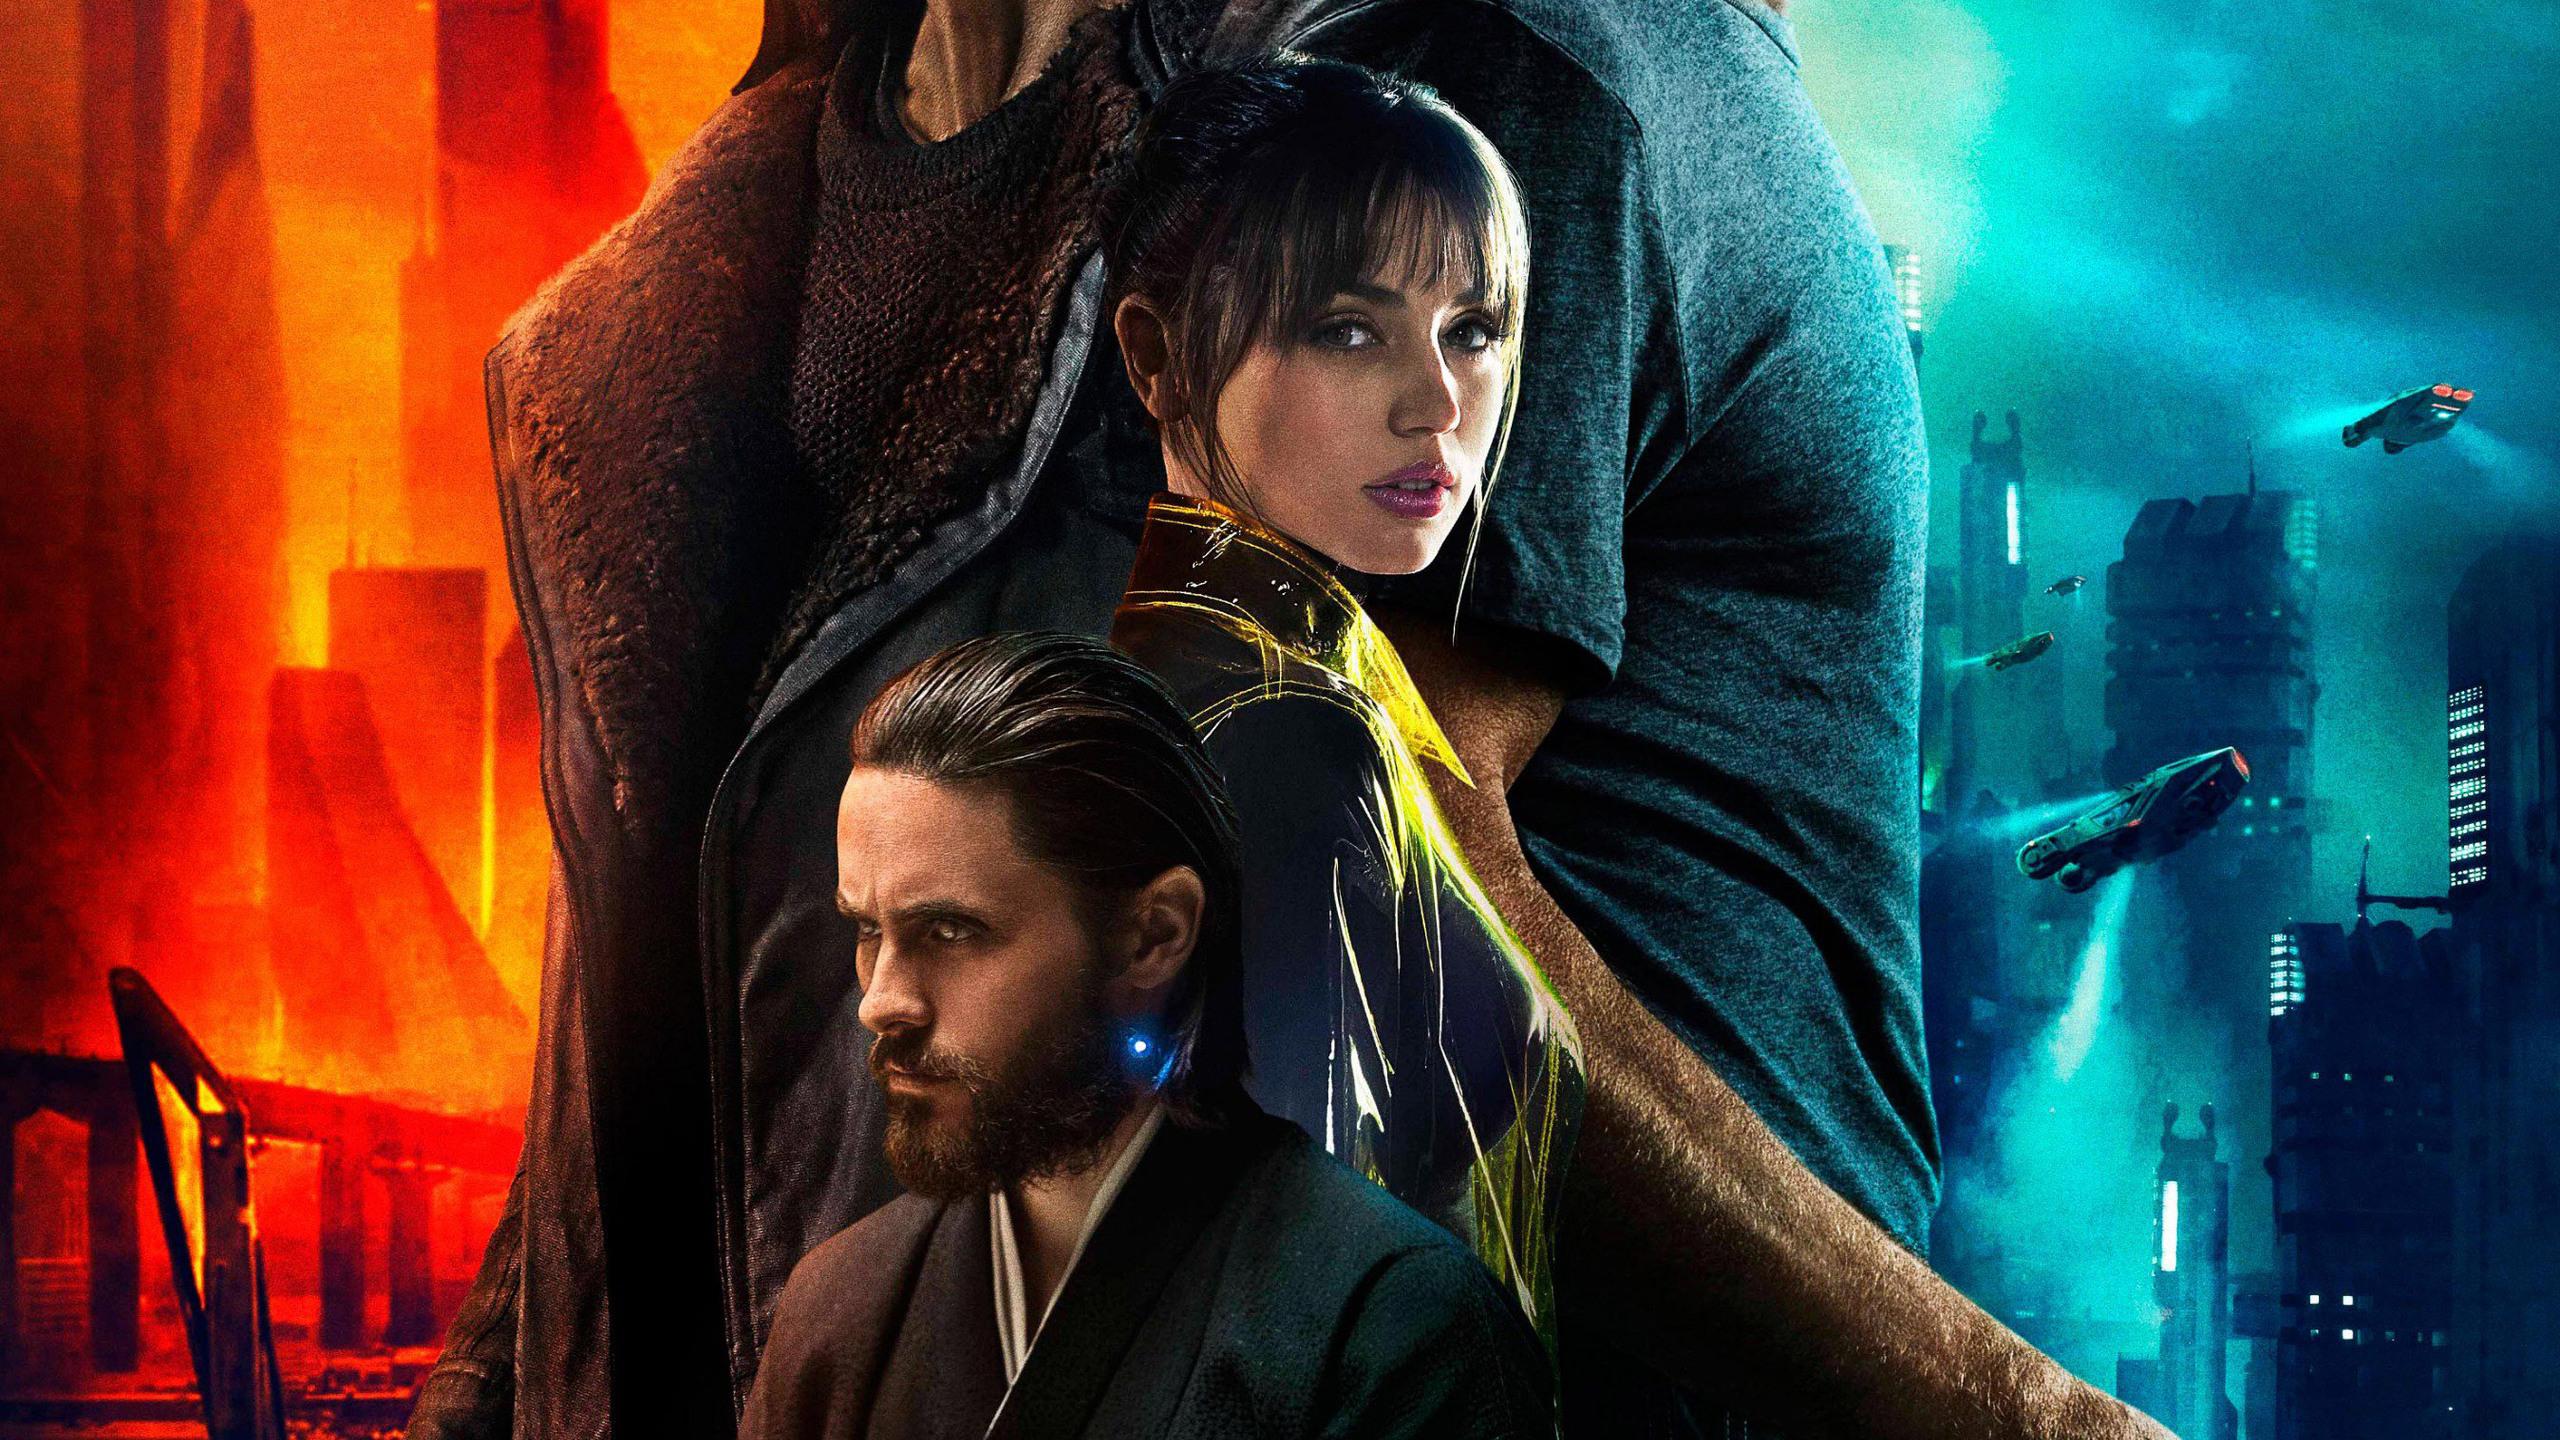 Blade Runner 2049 Hd Wallpaper: 2560x1440 Blade Runner 2049 Hd 1440P Resolution HD 4k